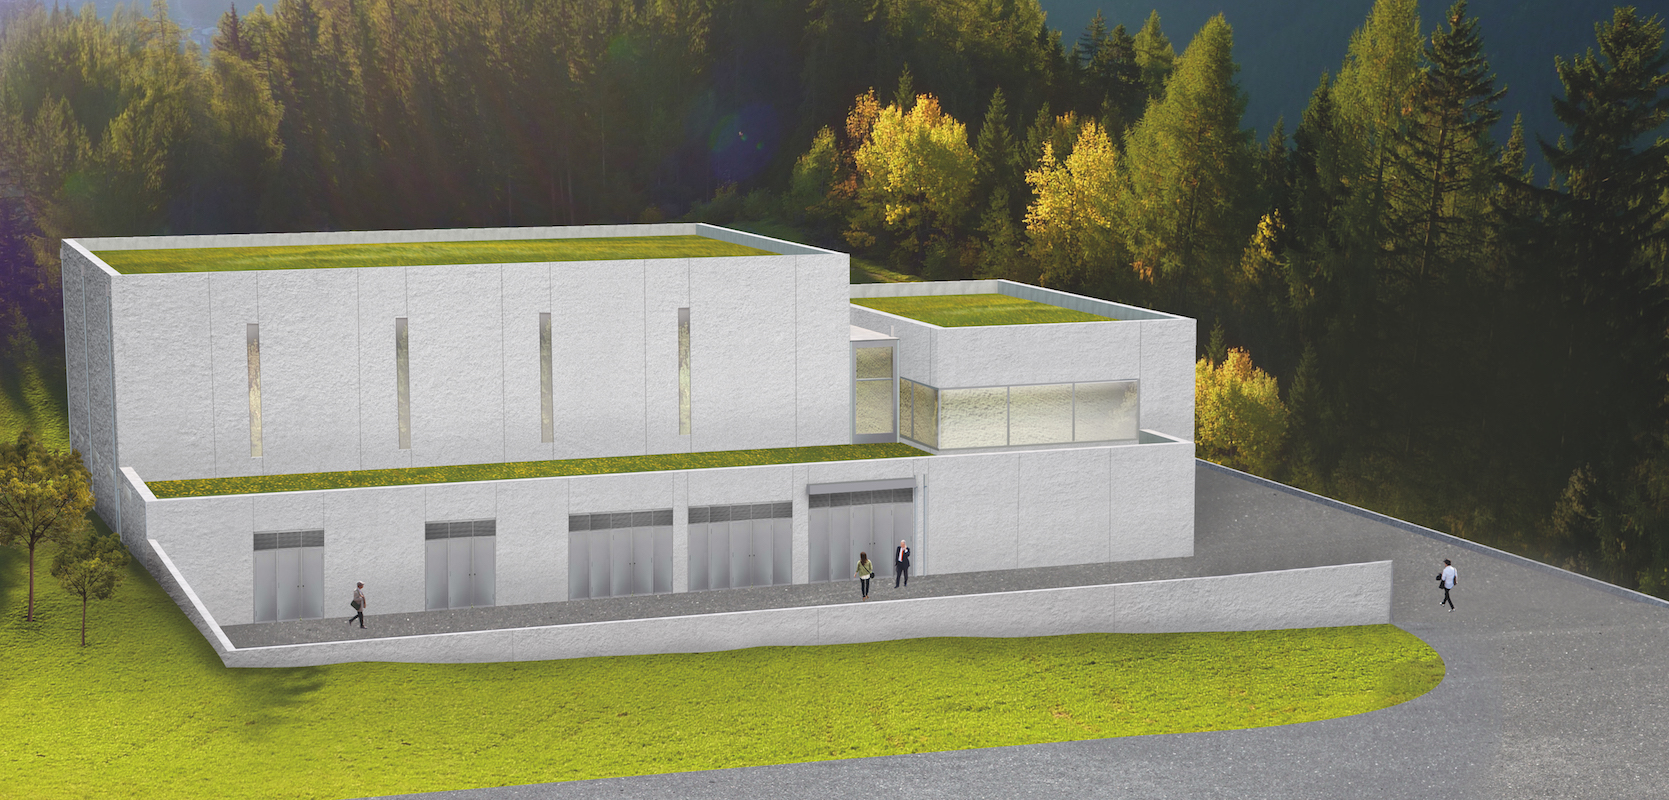 Projekt Sonnenberg